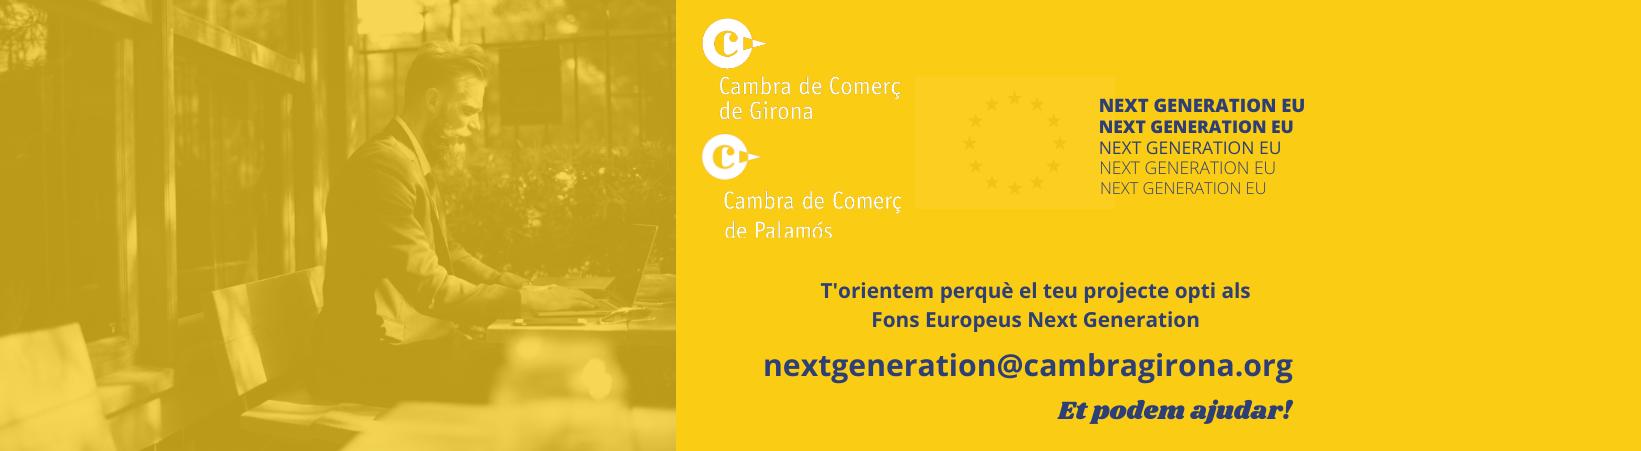 Banner-Cambra-Girona-NEXT-GENERATION-EU-1